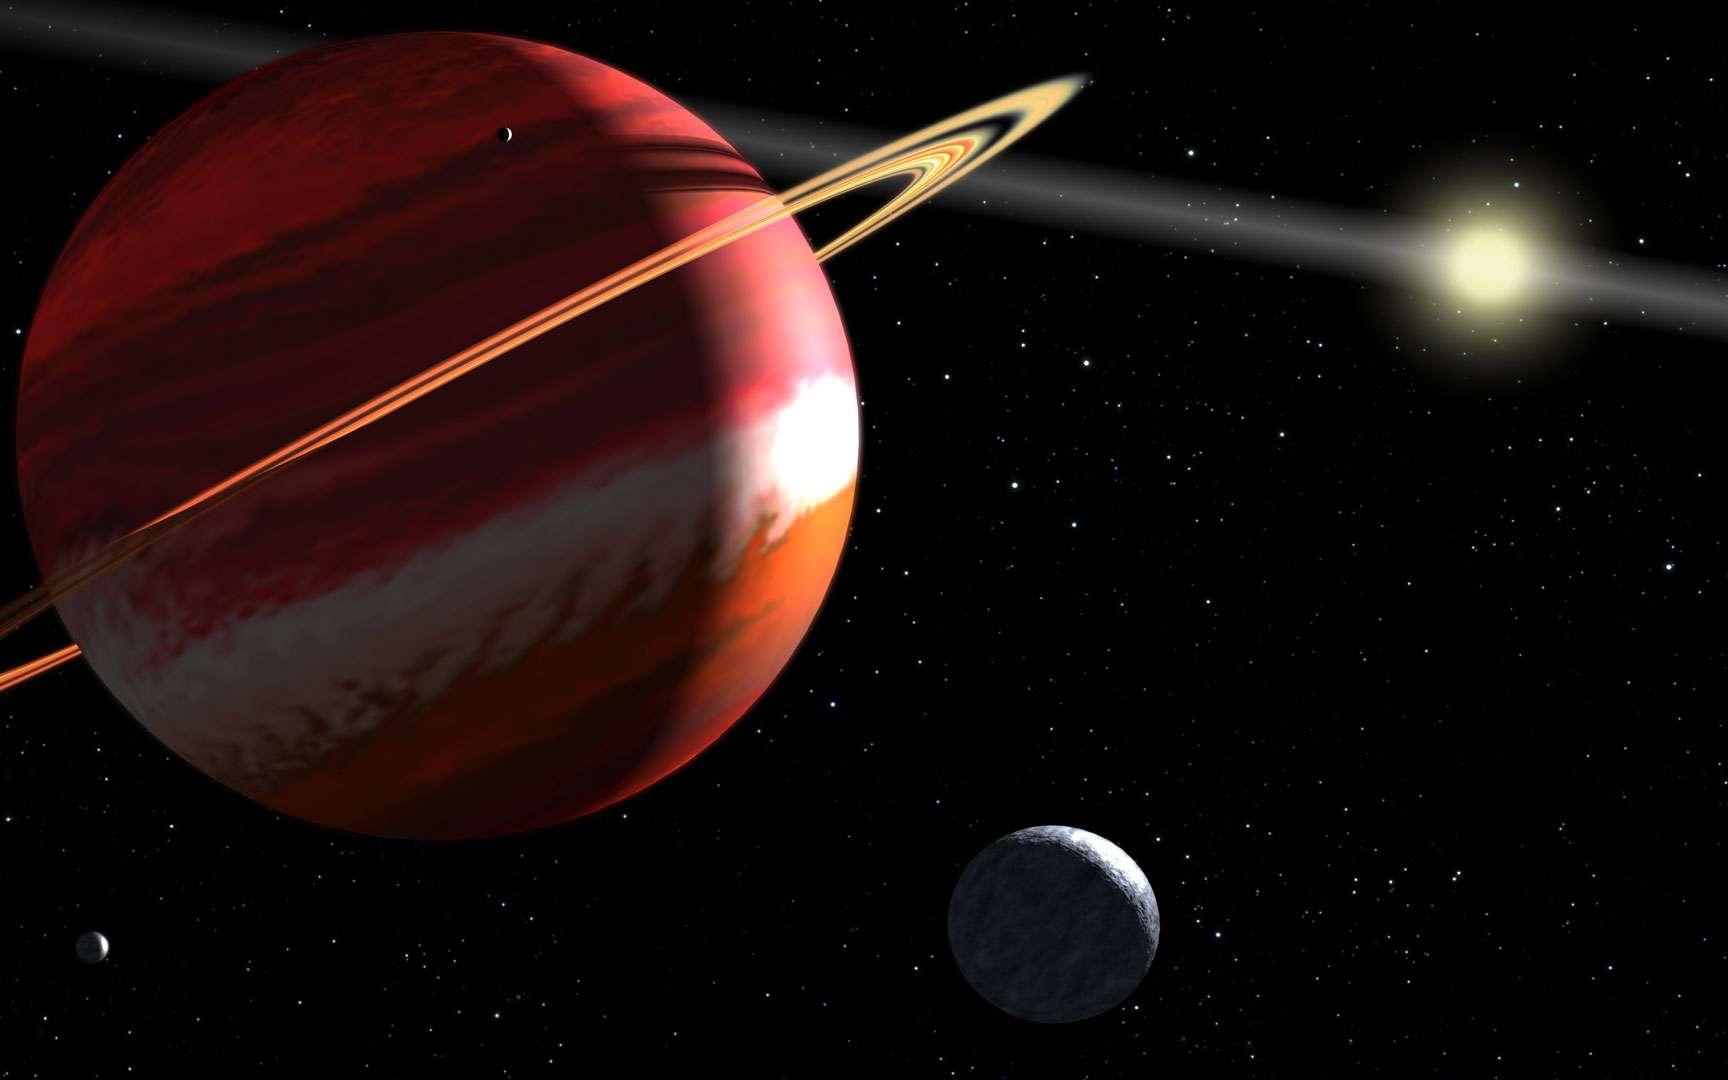 Le système planétaire d'Epsilon Eridani. Représentation du système planétaire d'Epsilon Eridani (une étoile naine orange), situé à 10,5 années-lumière de nous. © Nasa/Esa/G. Bacon